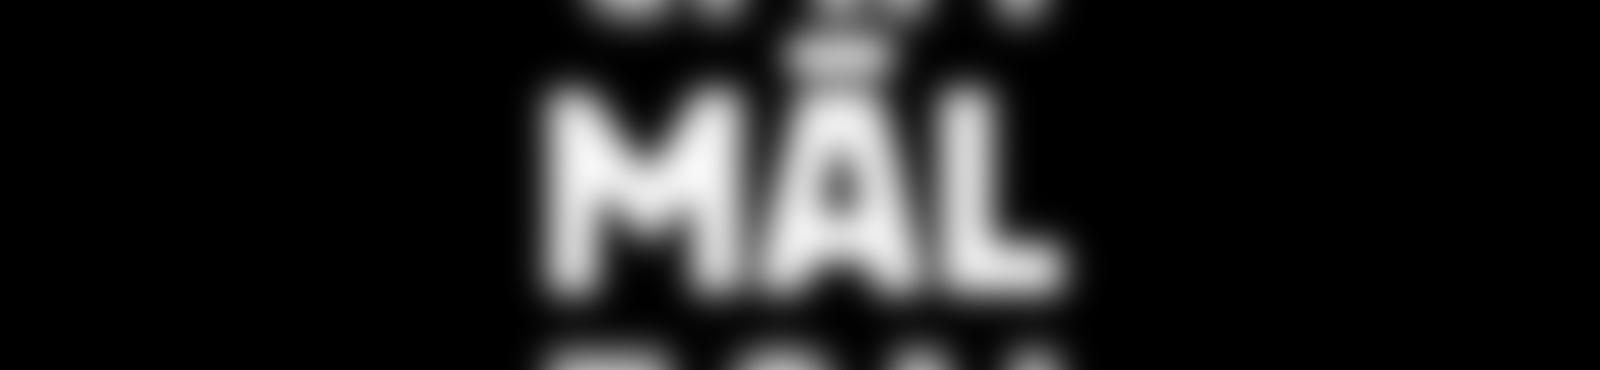 Blurred 48ae2293 5110 48e9 9b7c 3350ce91d7cc